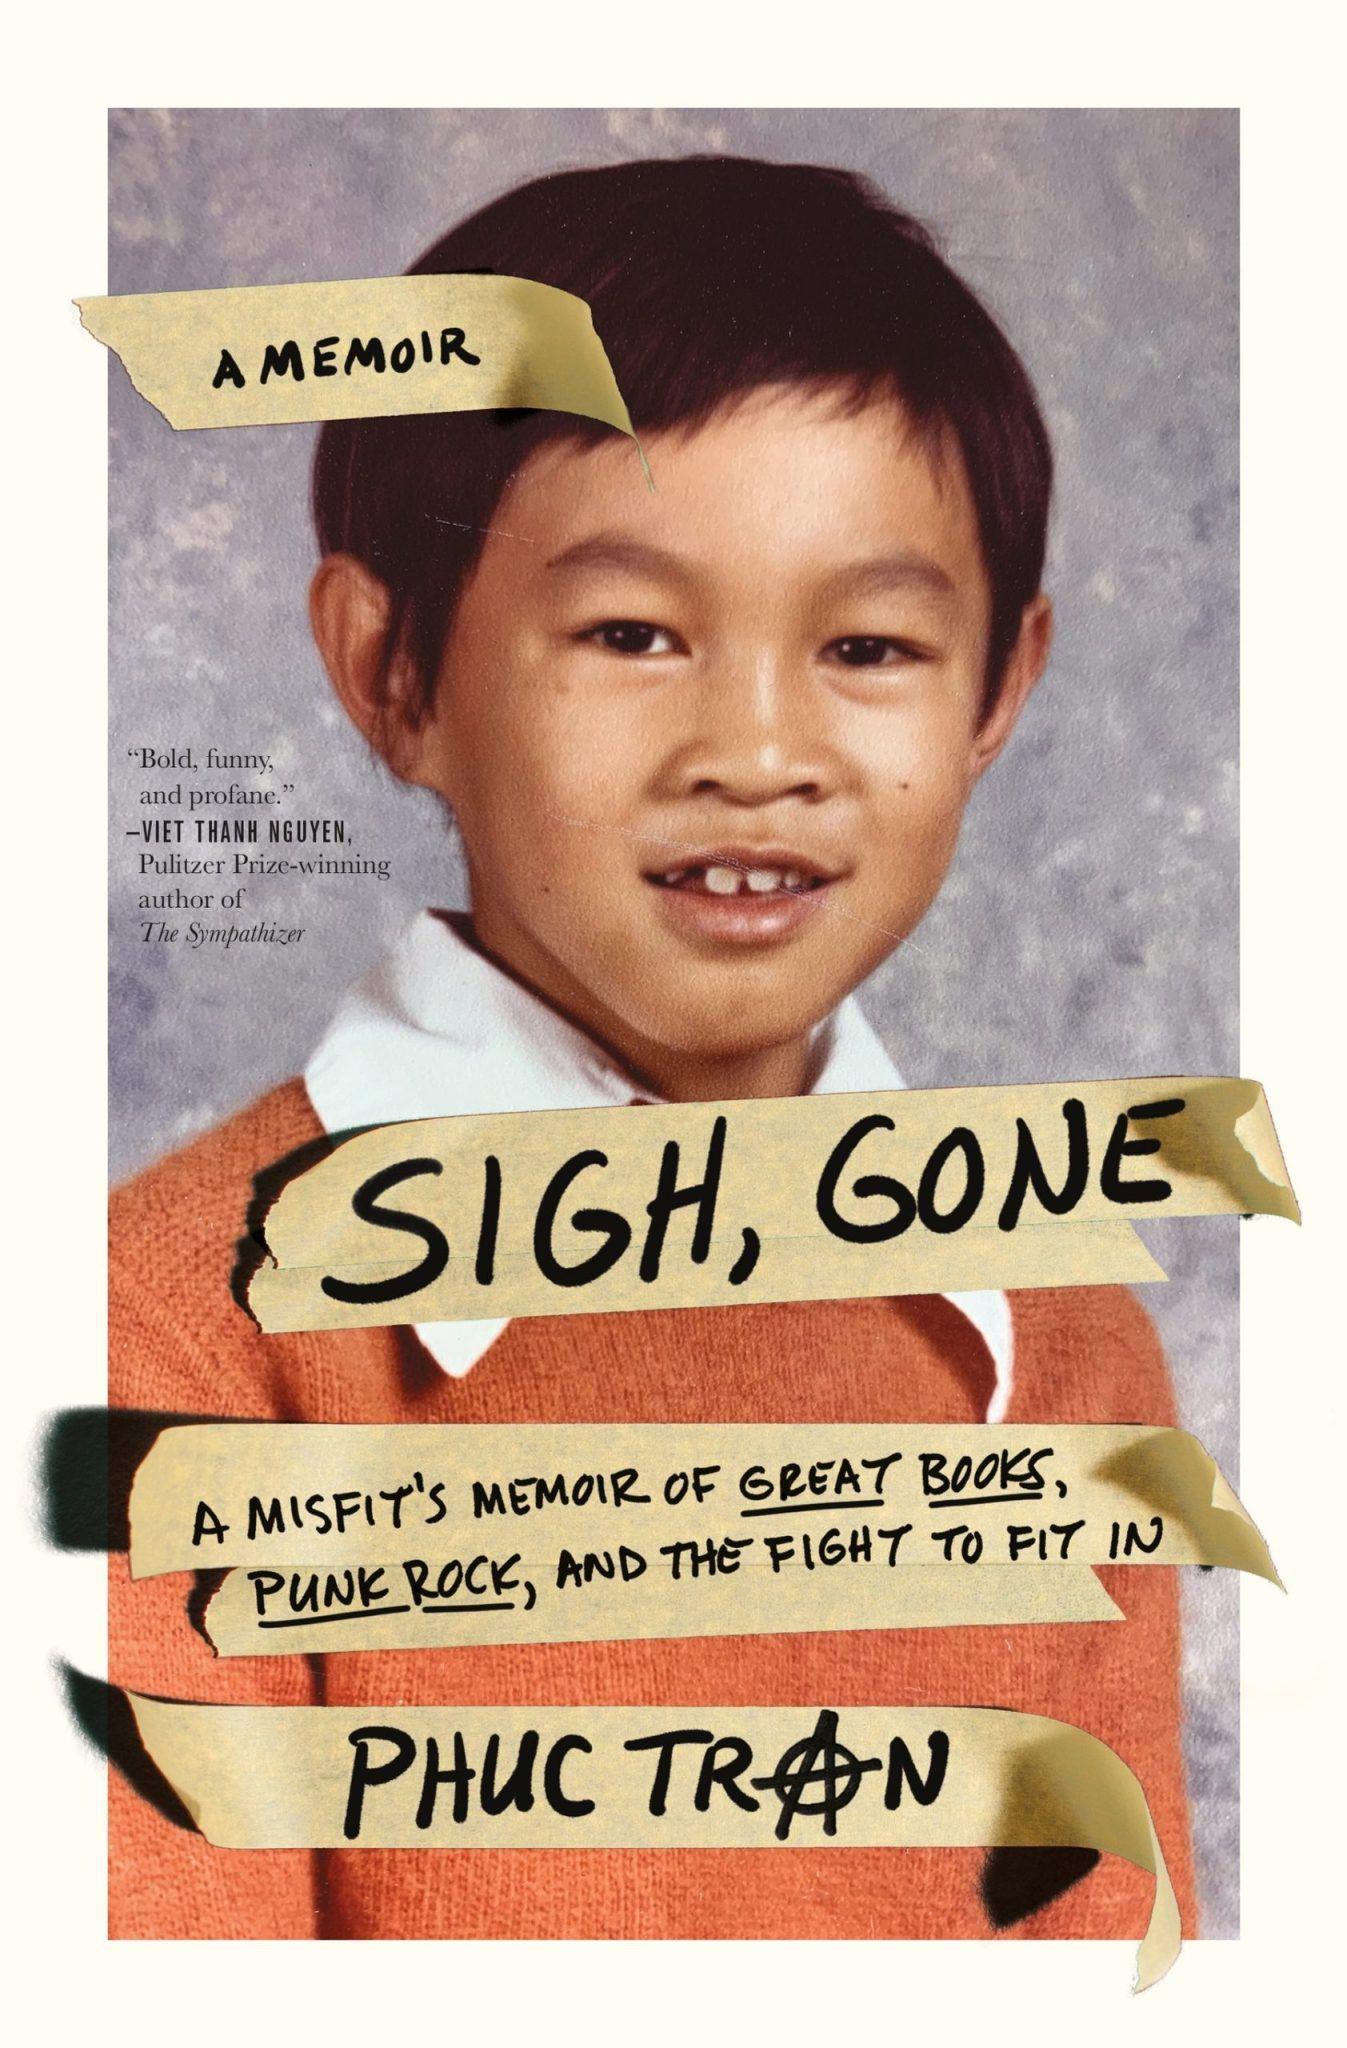 Sigh, Gone by Phuc Tran